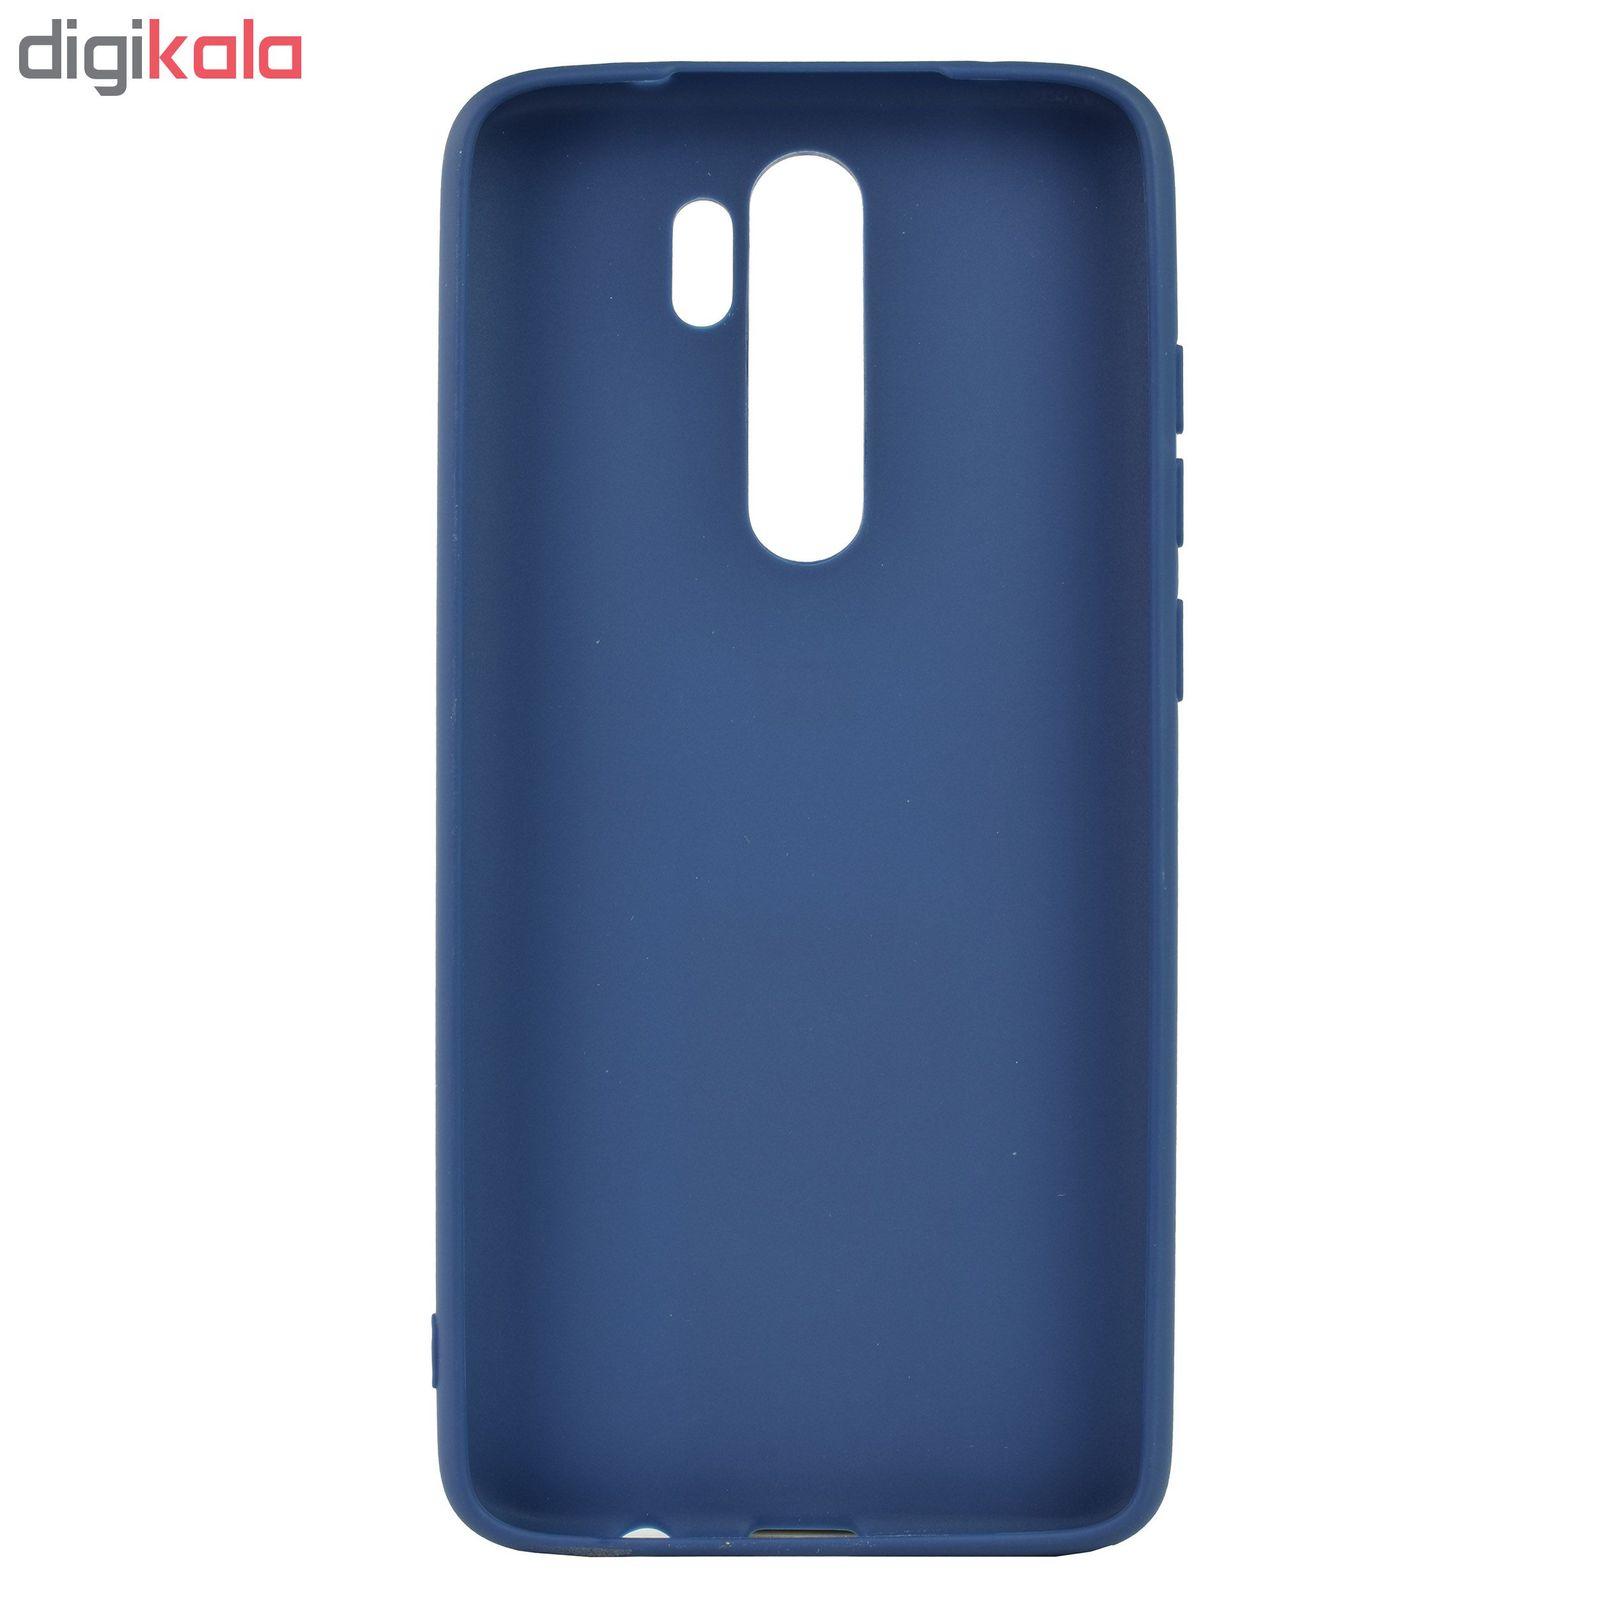 کاور مدل SC20 مناسب برای گوشی موبایل شیائومی Redmi Note 8 Pro  main 1 4